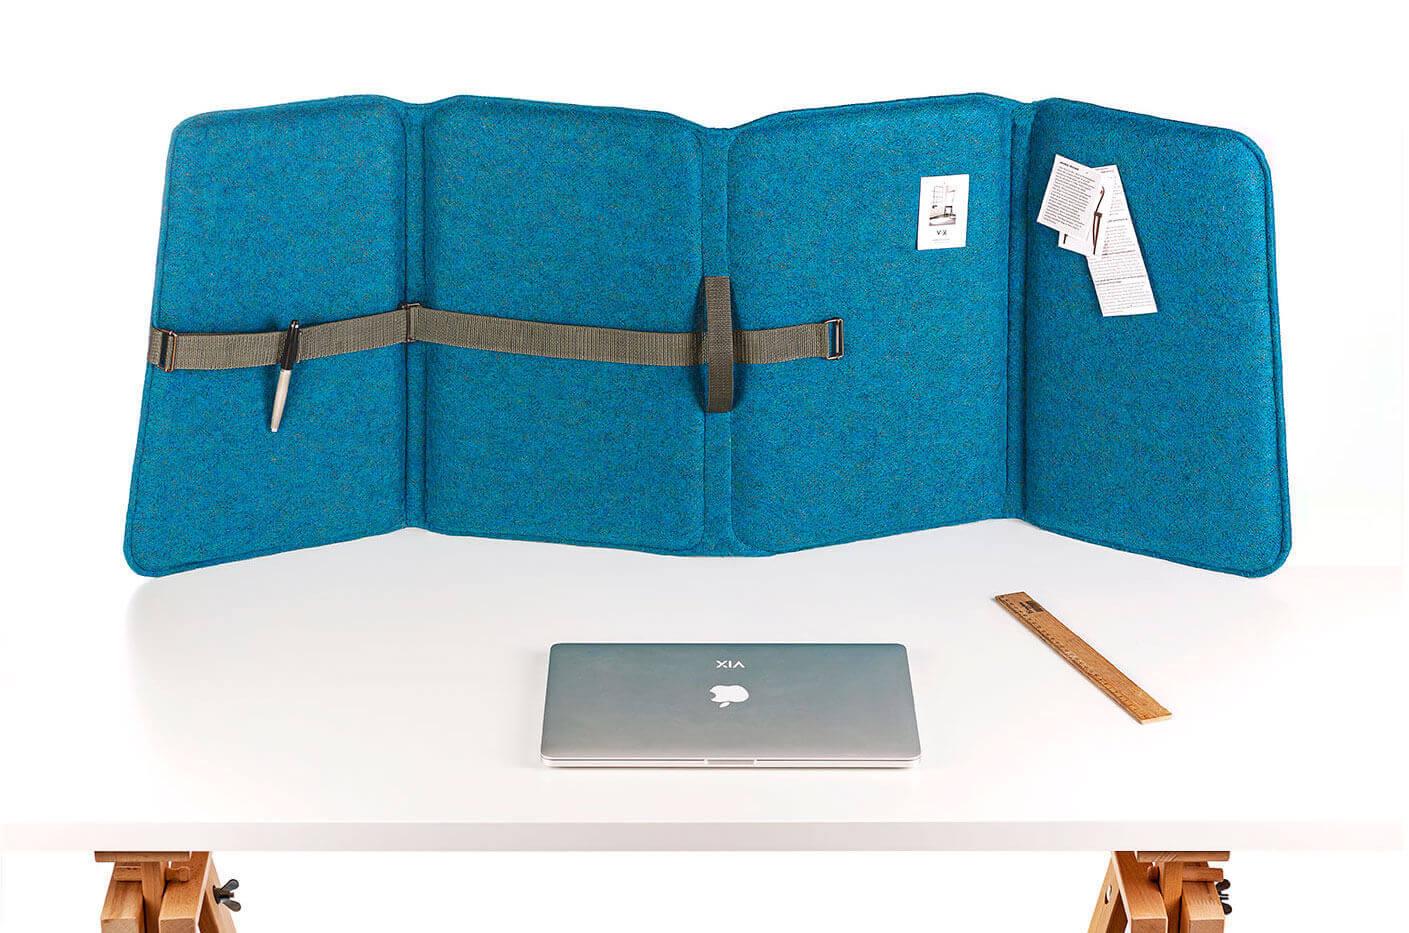 Akustik-Büroschirm mit einer hochwertigen akustischen Füllung